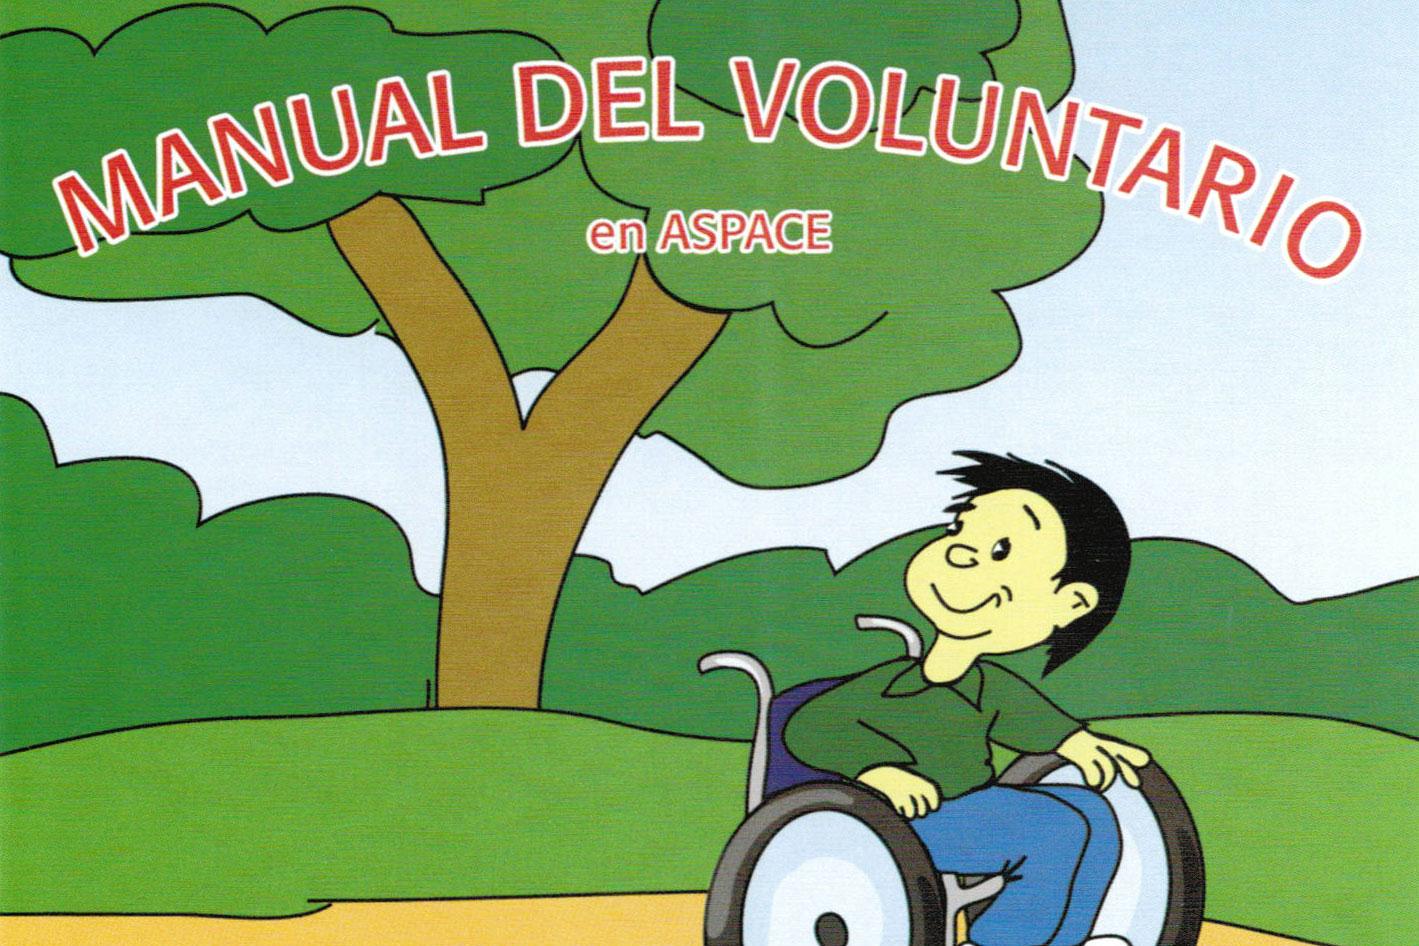 Encuentro de Voluntariado 2012 (Palencia)